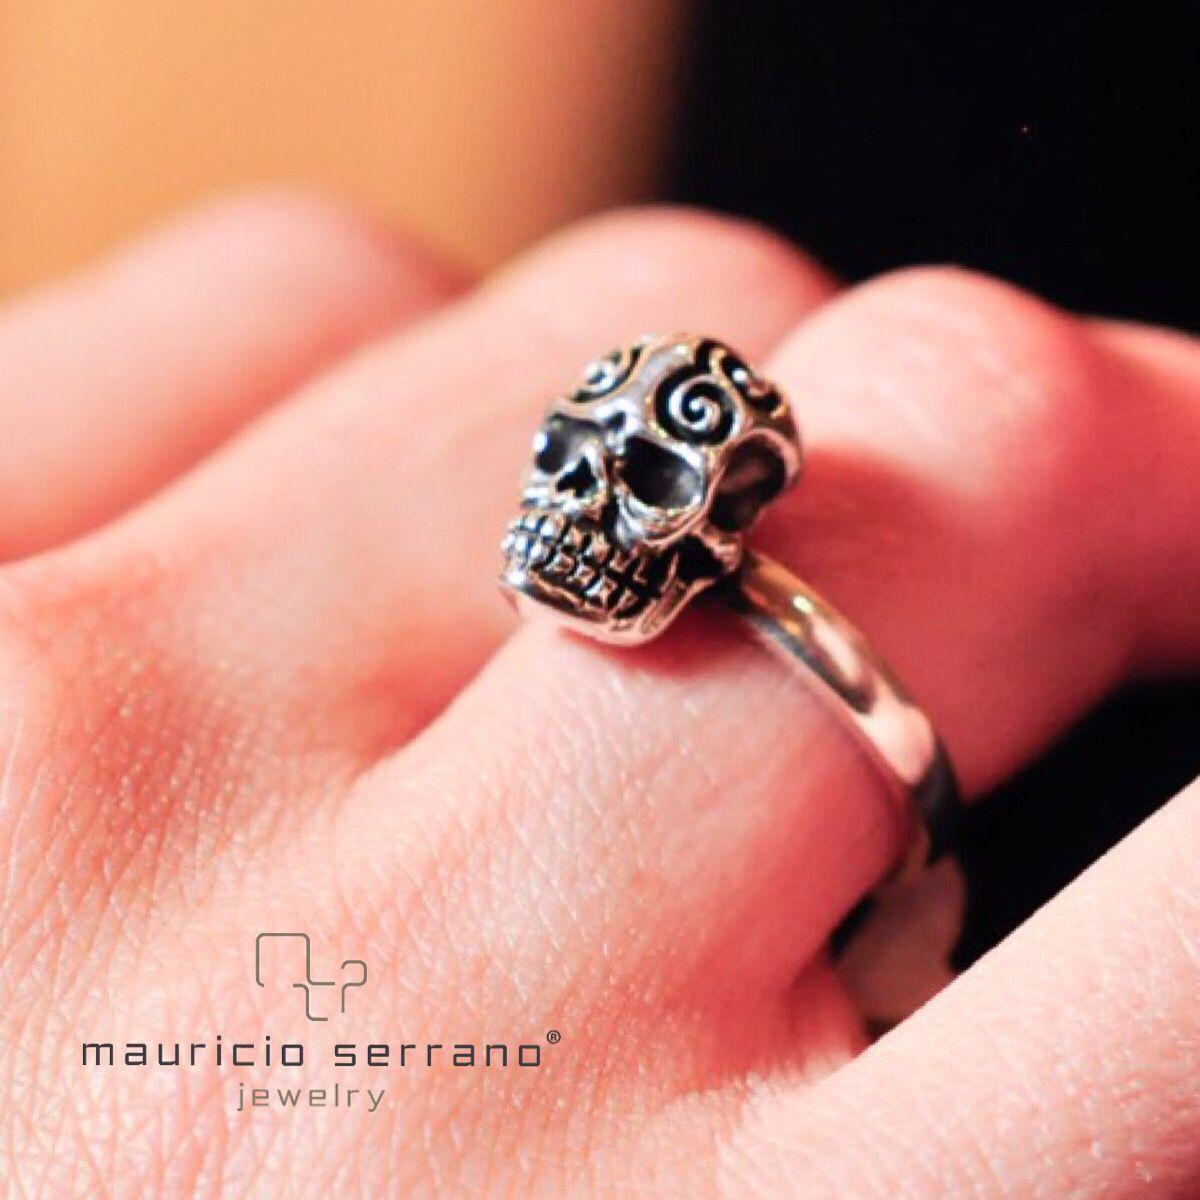 Día de muertos!! #UnaVerdaderaJoya  #DayOfTheDead #ATrueJewel #mauricioserrano #mexico #2015 #handcraft #Jewelry #Joyeria #Plata #Arte #Fashion